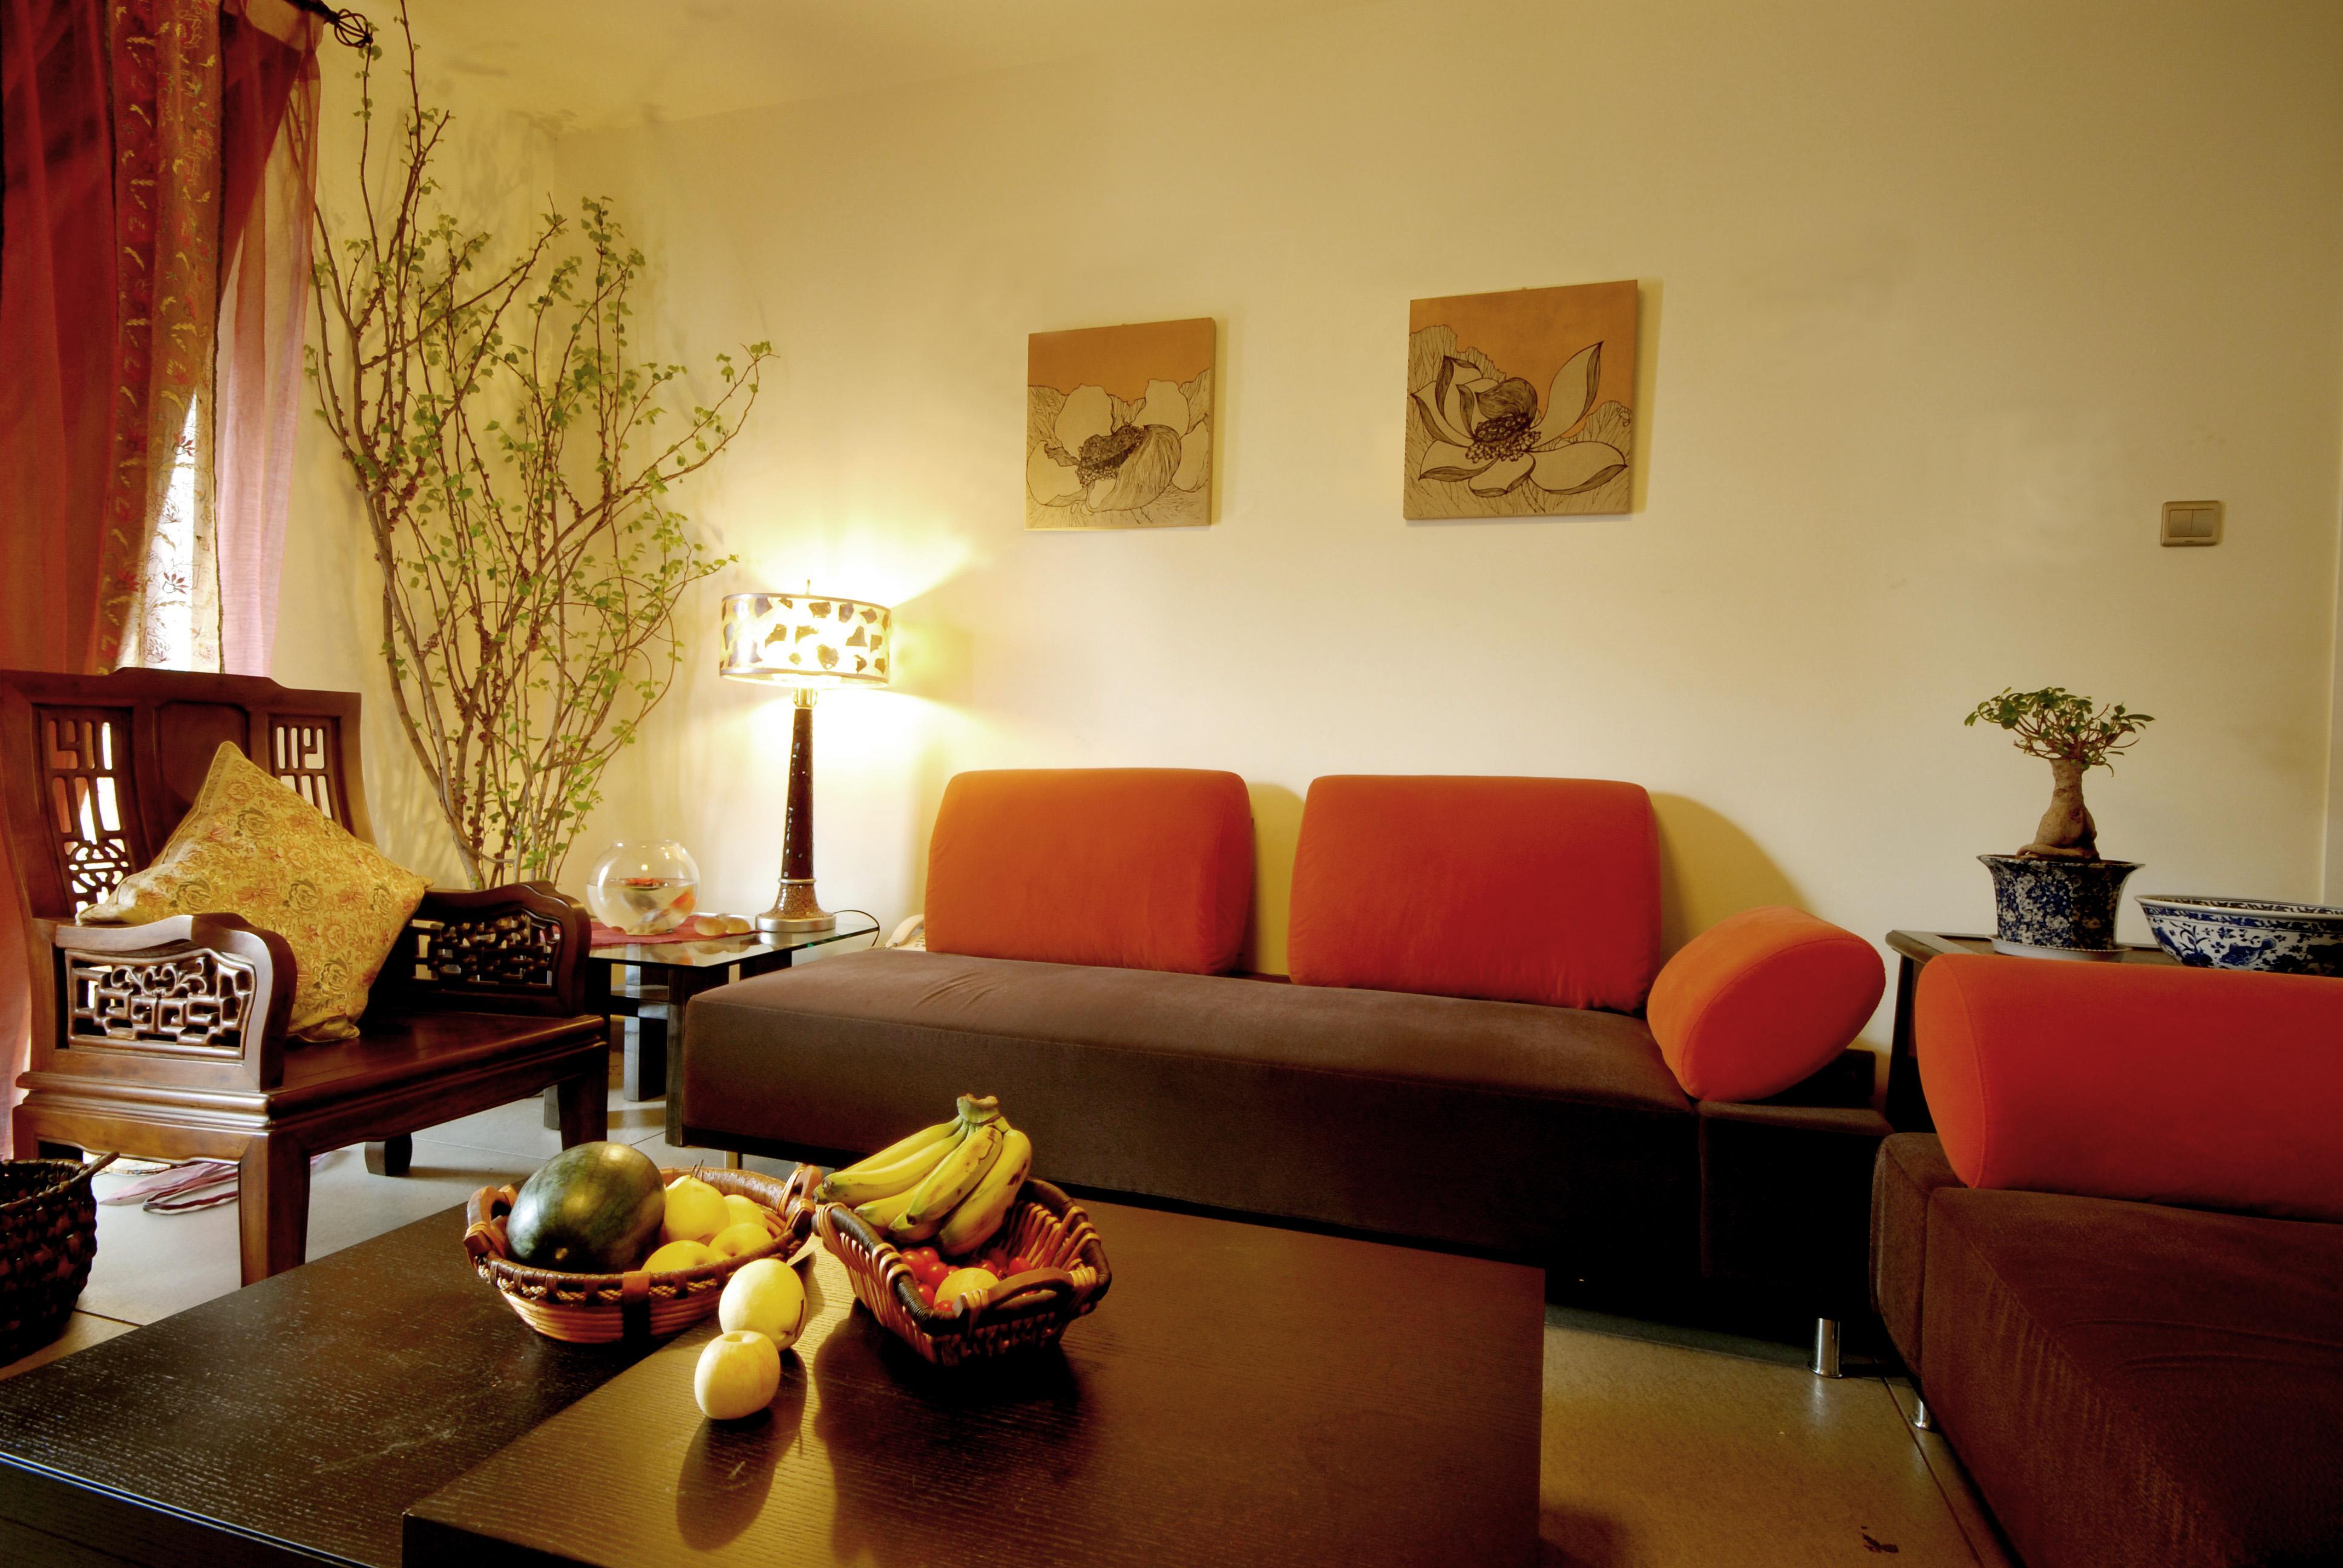 中式古典风 今朝装饰 龙水路 二居 客厅图片来自北京今朝装饰在中式古典--龙水路22号院的分享